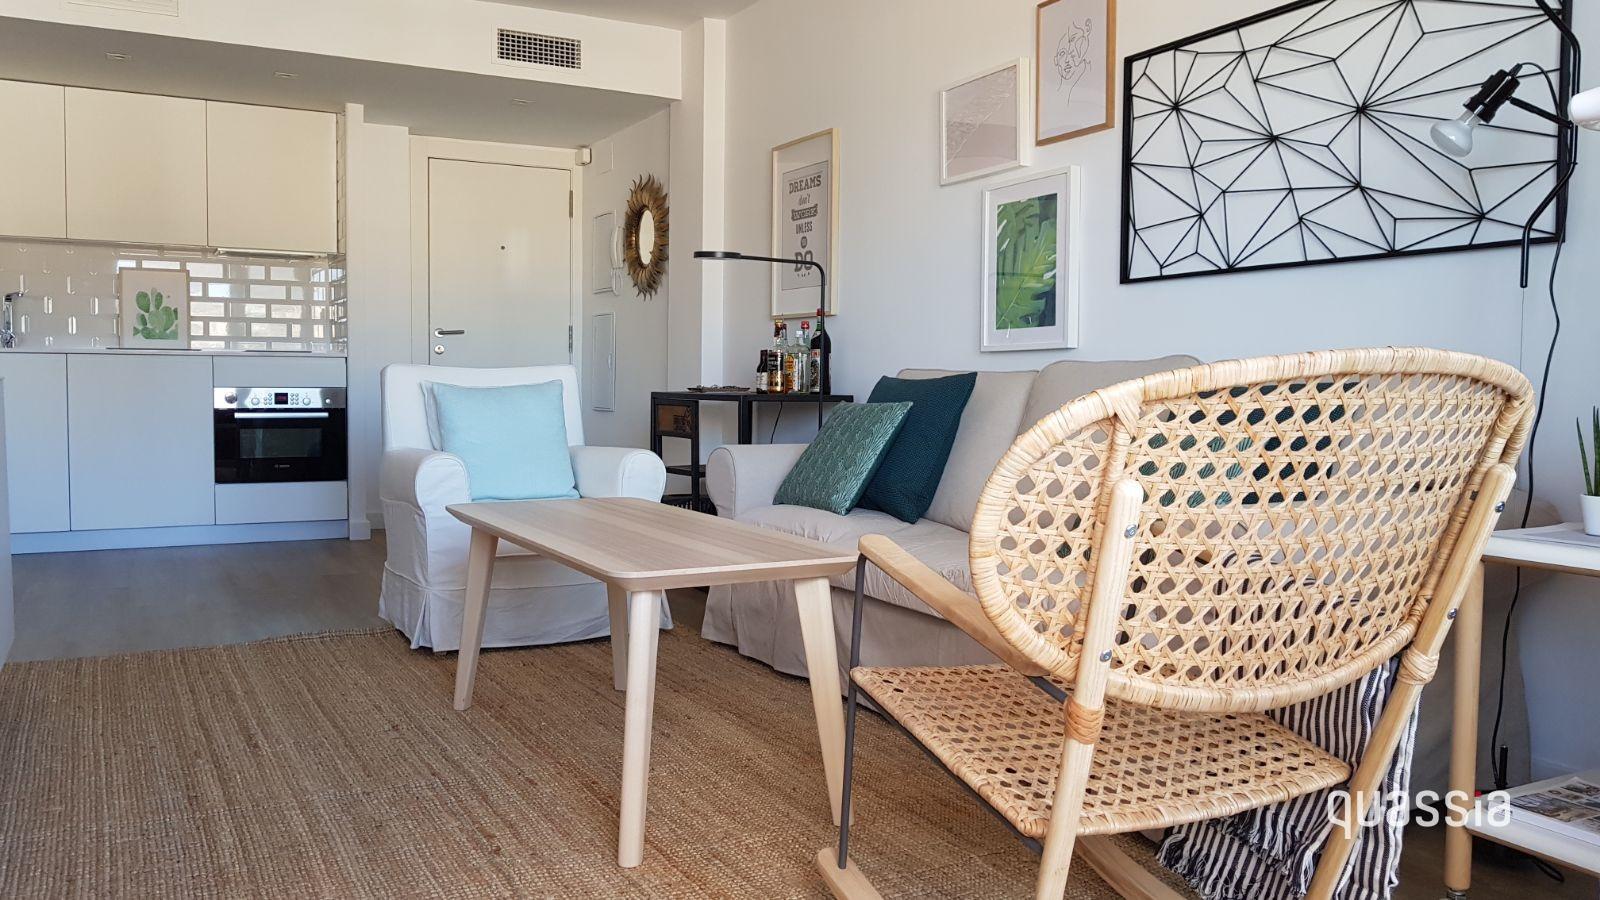 Reforma apartamento Fuengirola por Quassia (5)